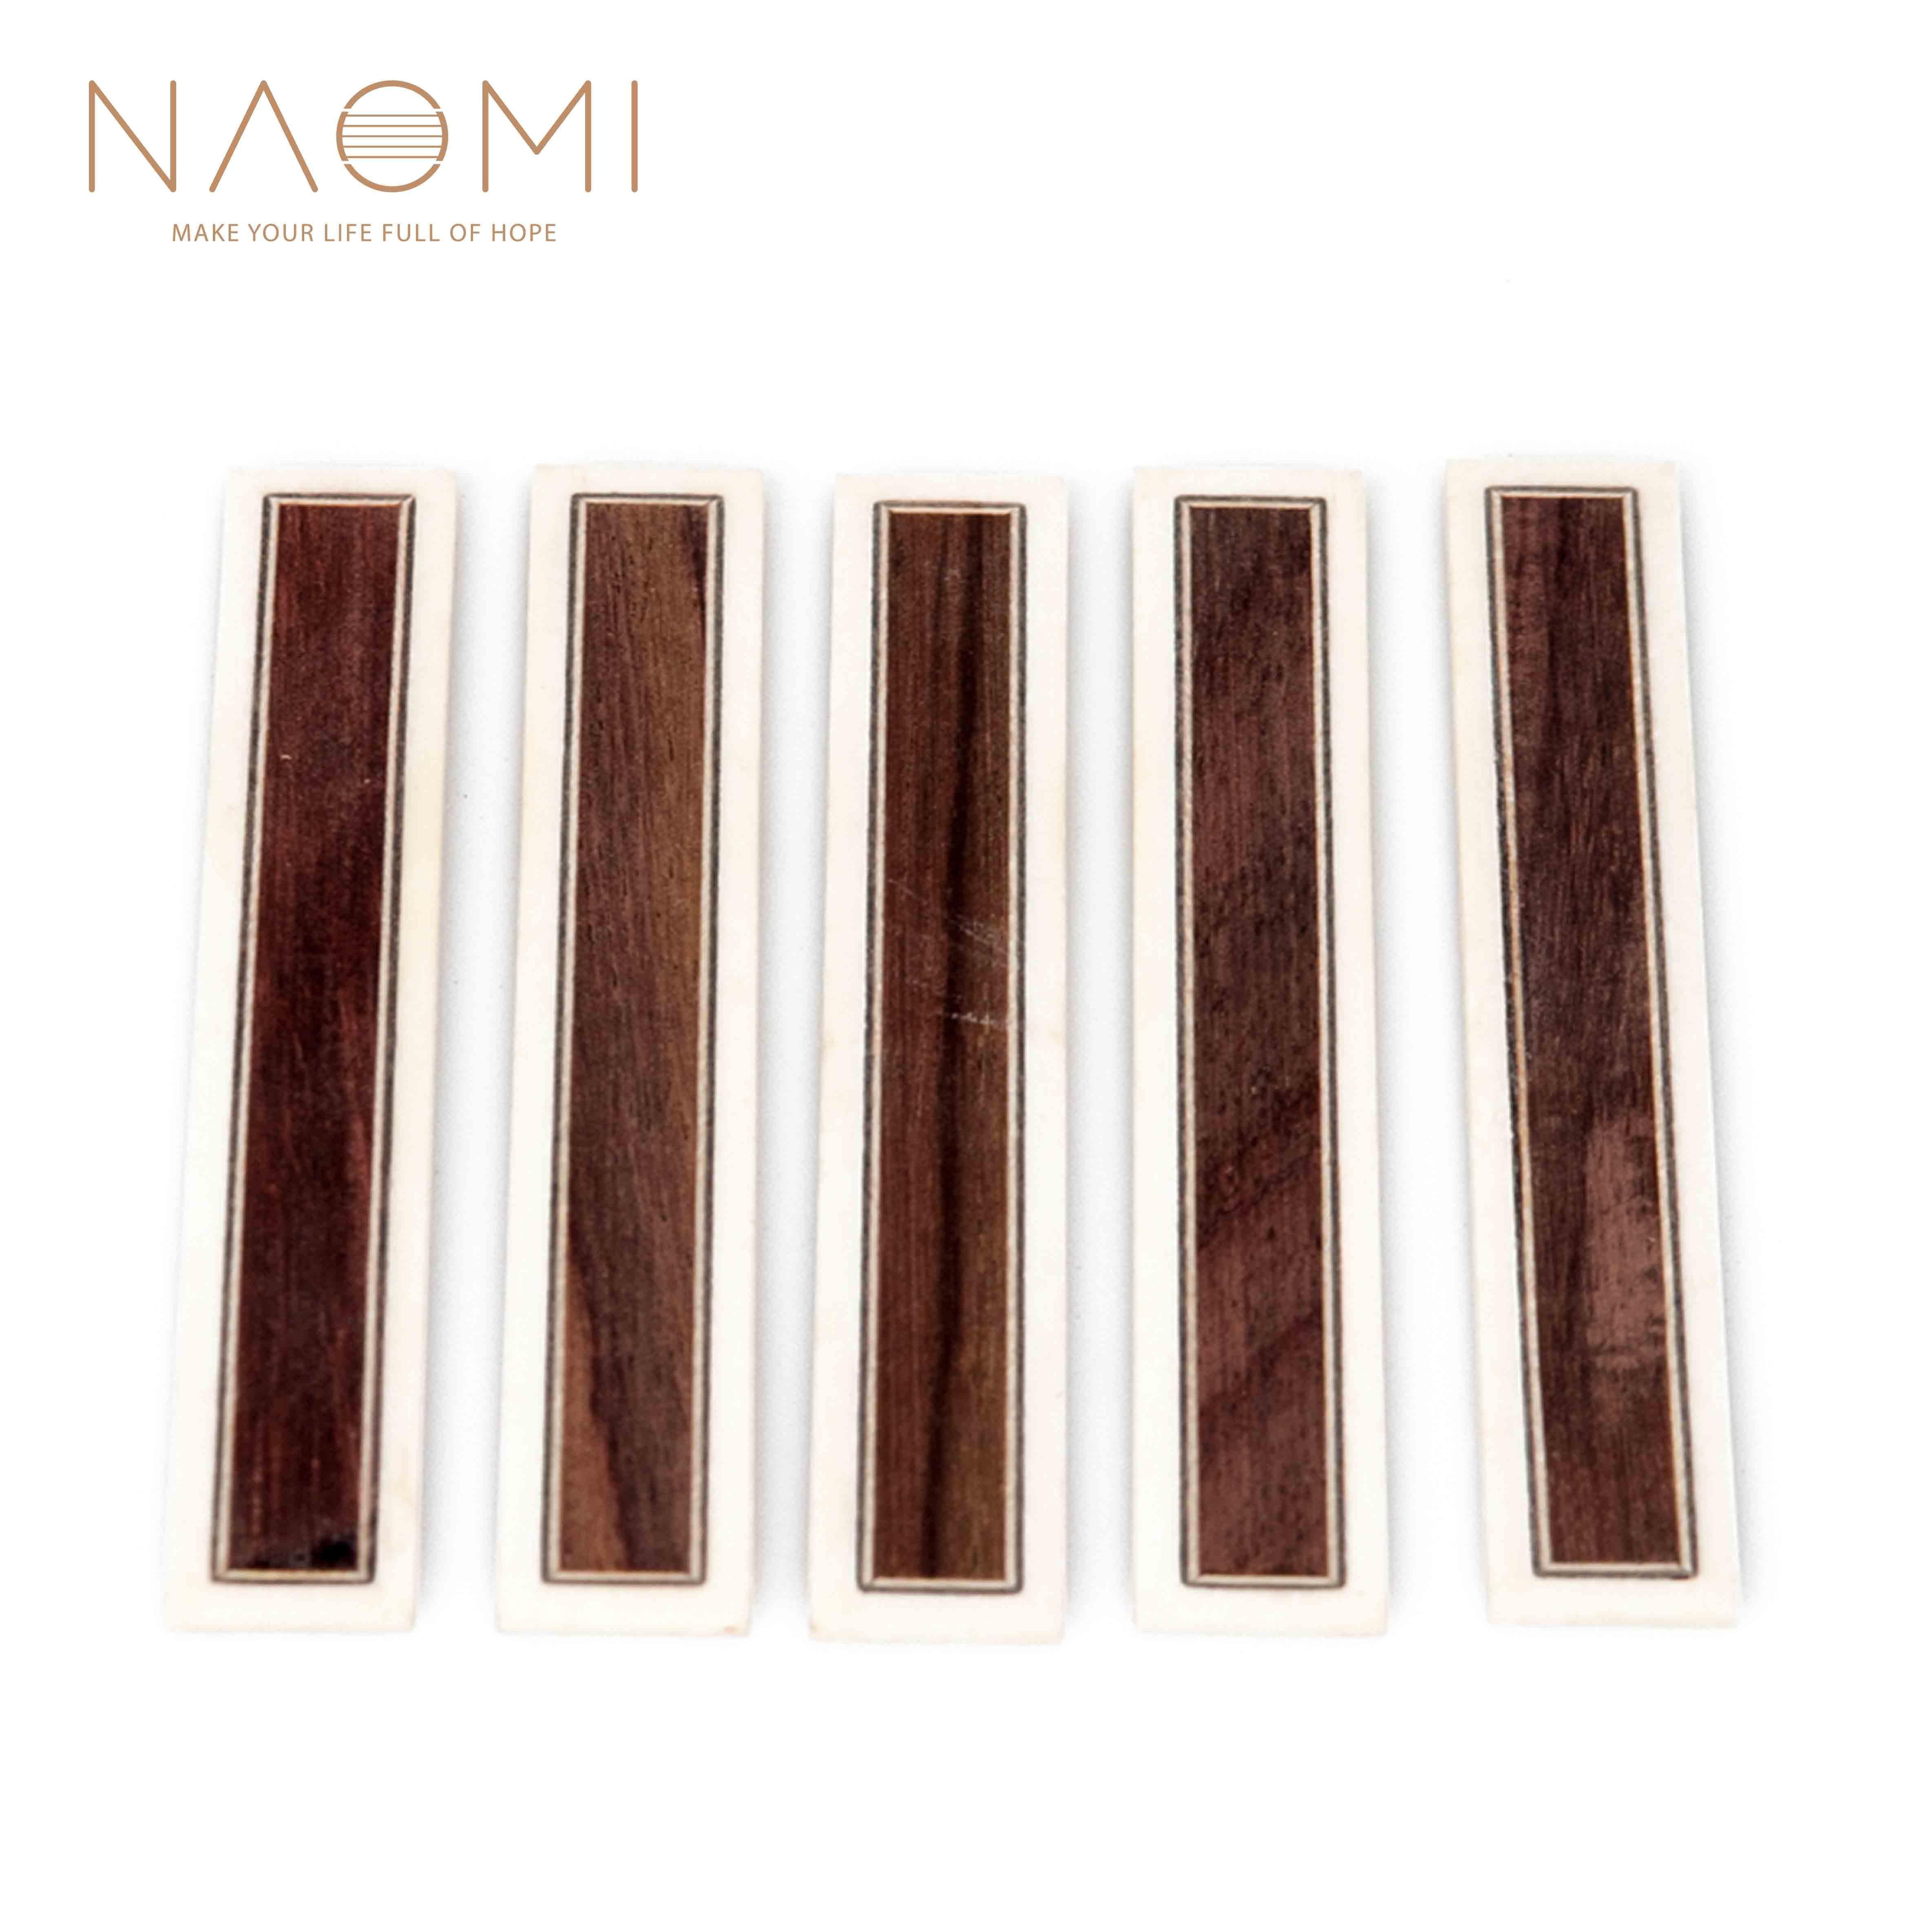 NAOMI 5 개 세트 클래식 기타 브릿지 타이 블록 인레이 뼈 프레임 시리즈 기타 부품 NA - 21 신품